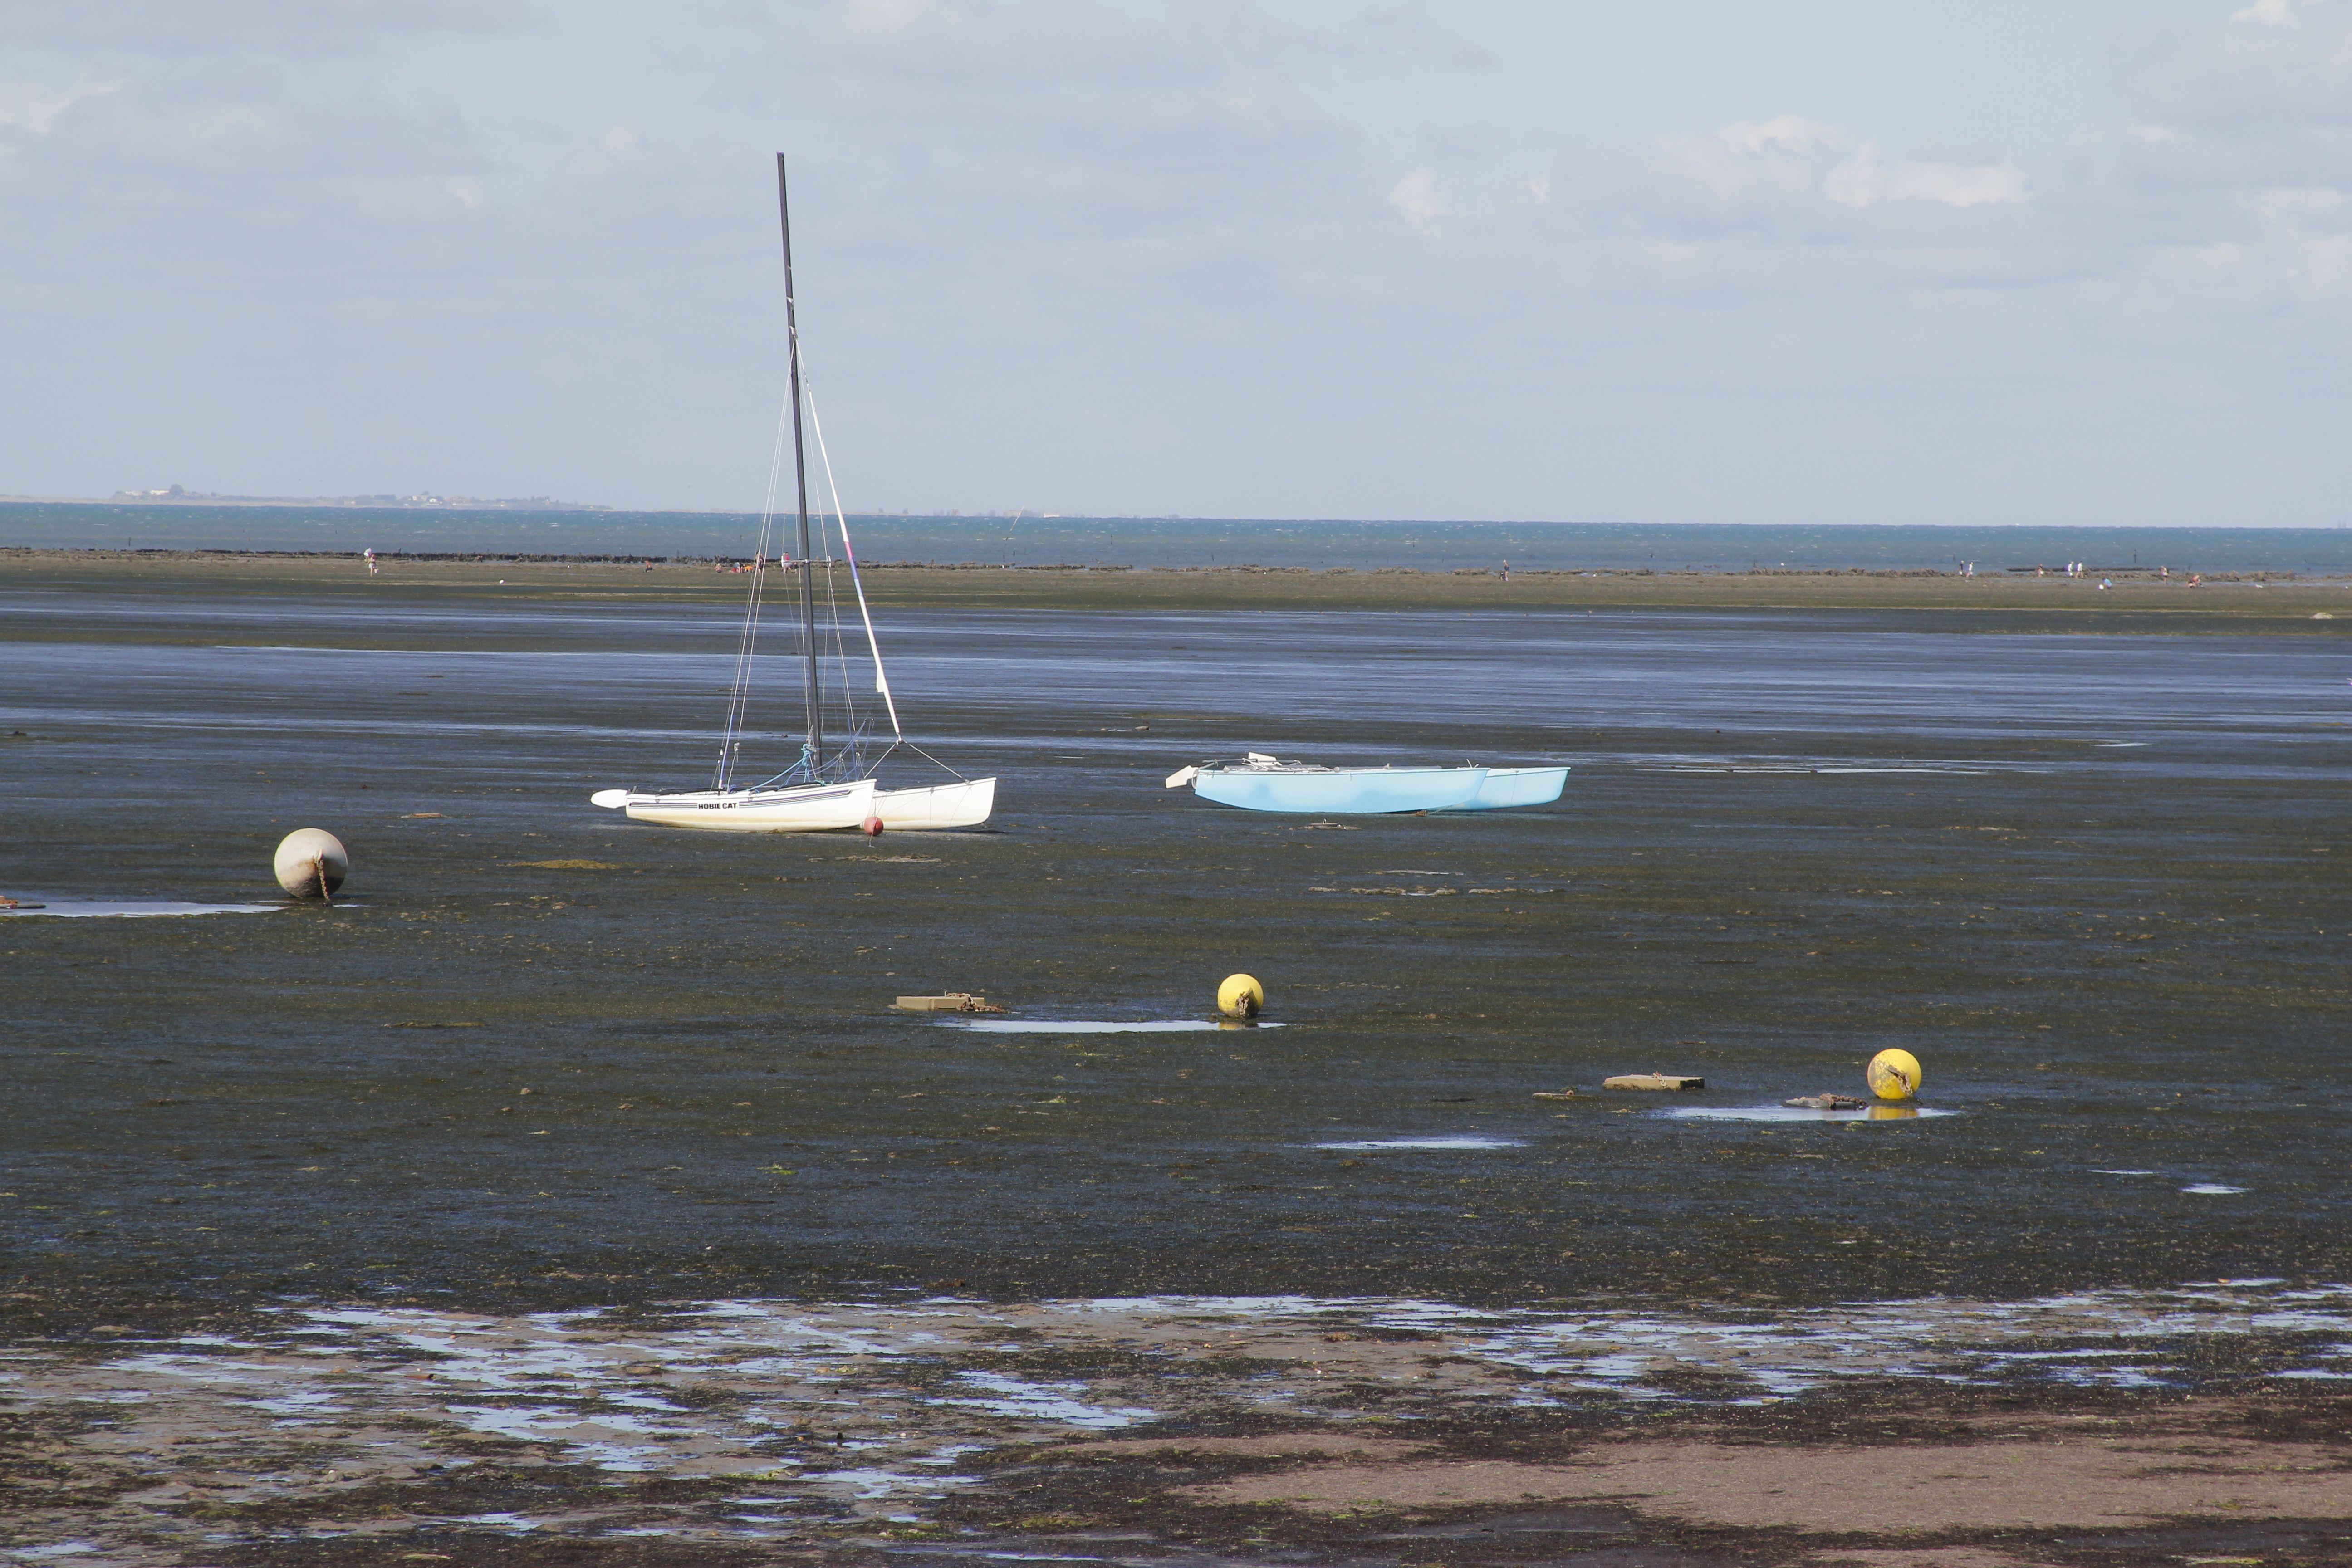 Soirée au bord de l'eau ; ile de Ré